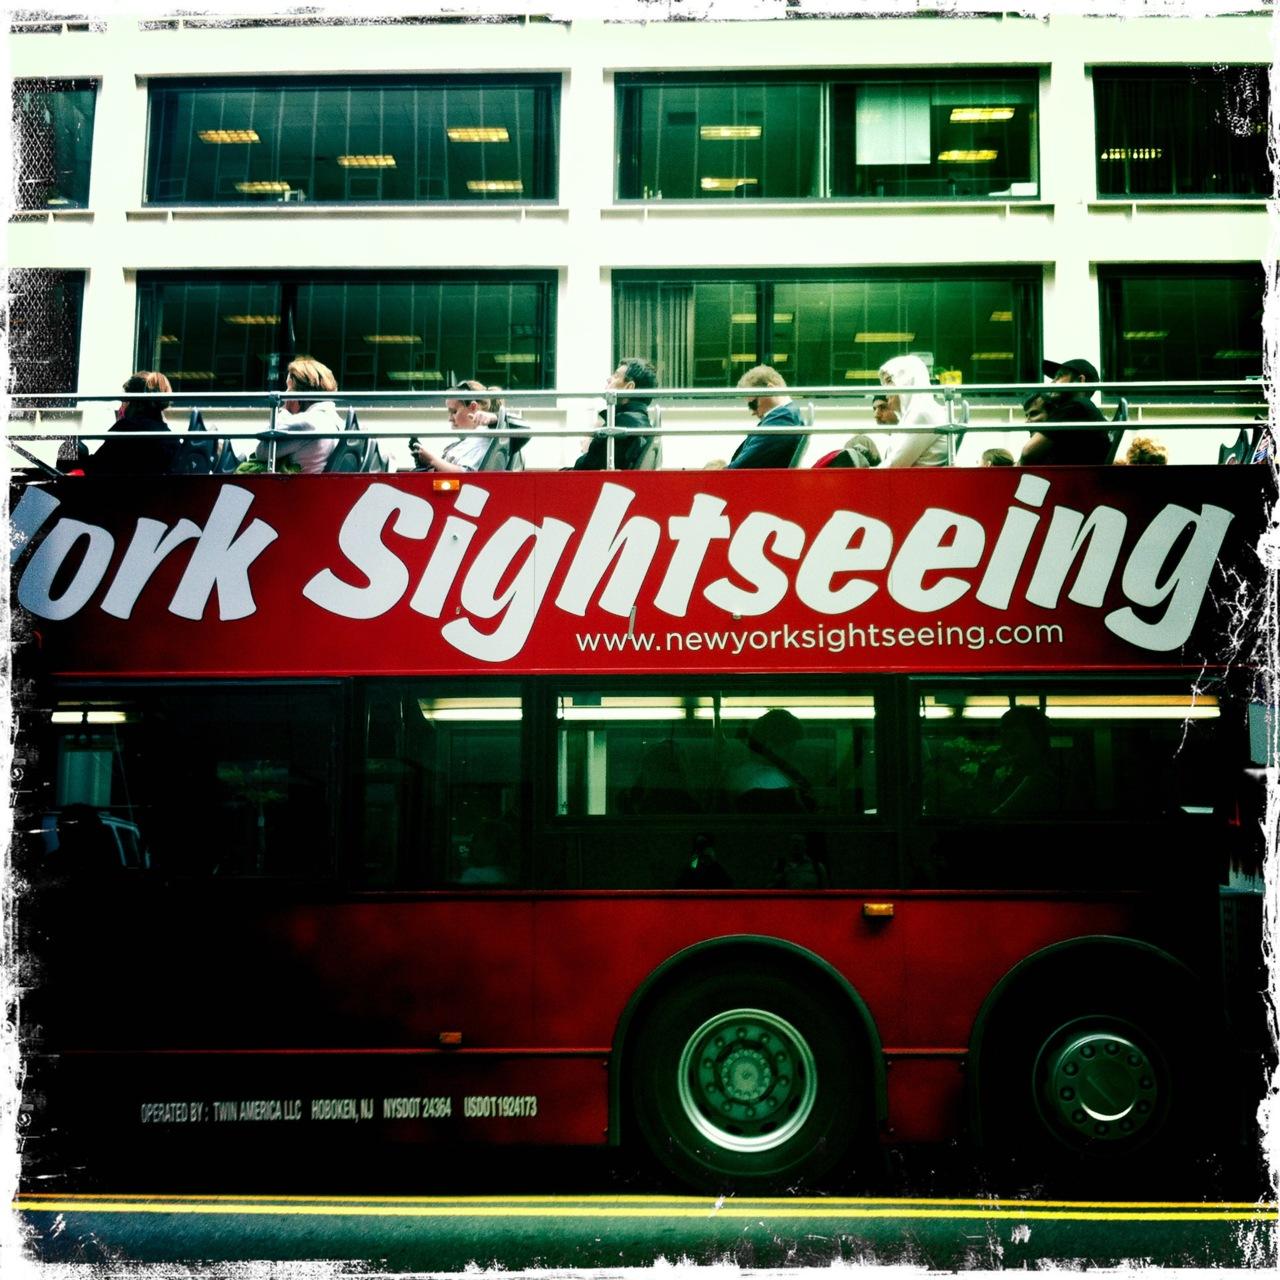 Sightseeing.